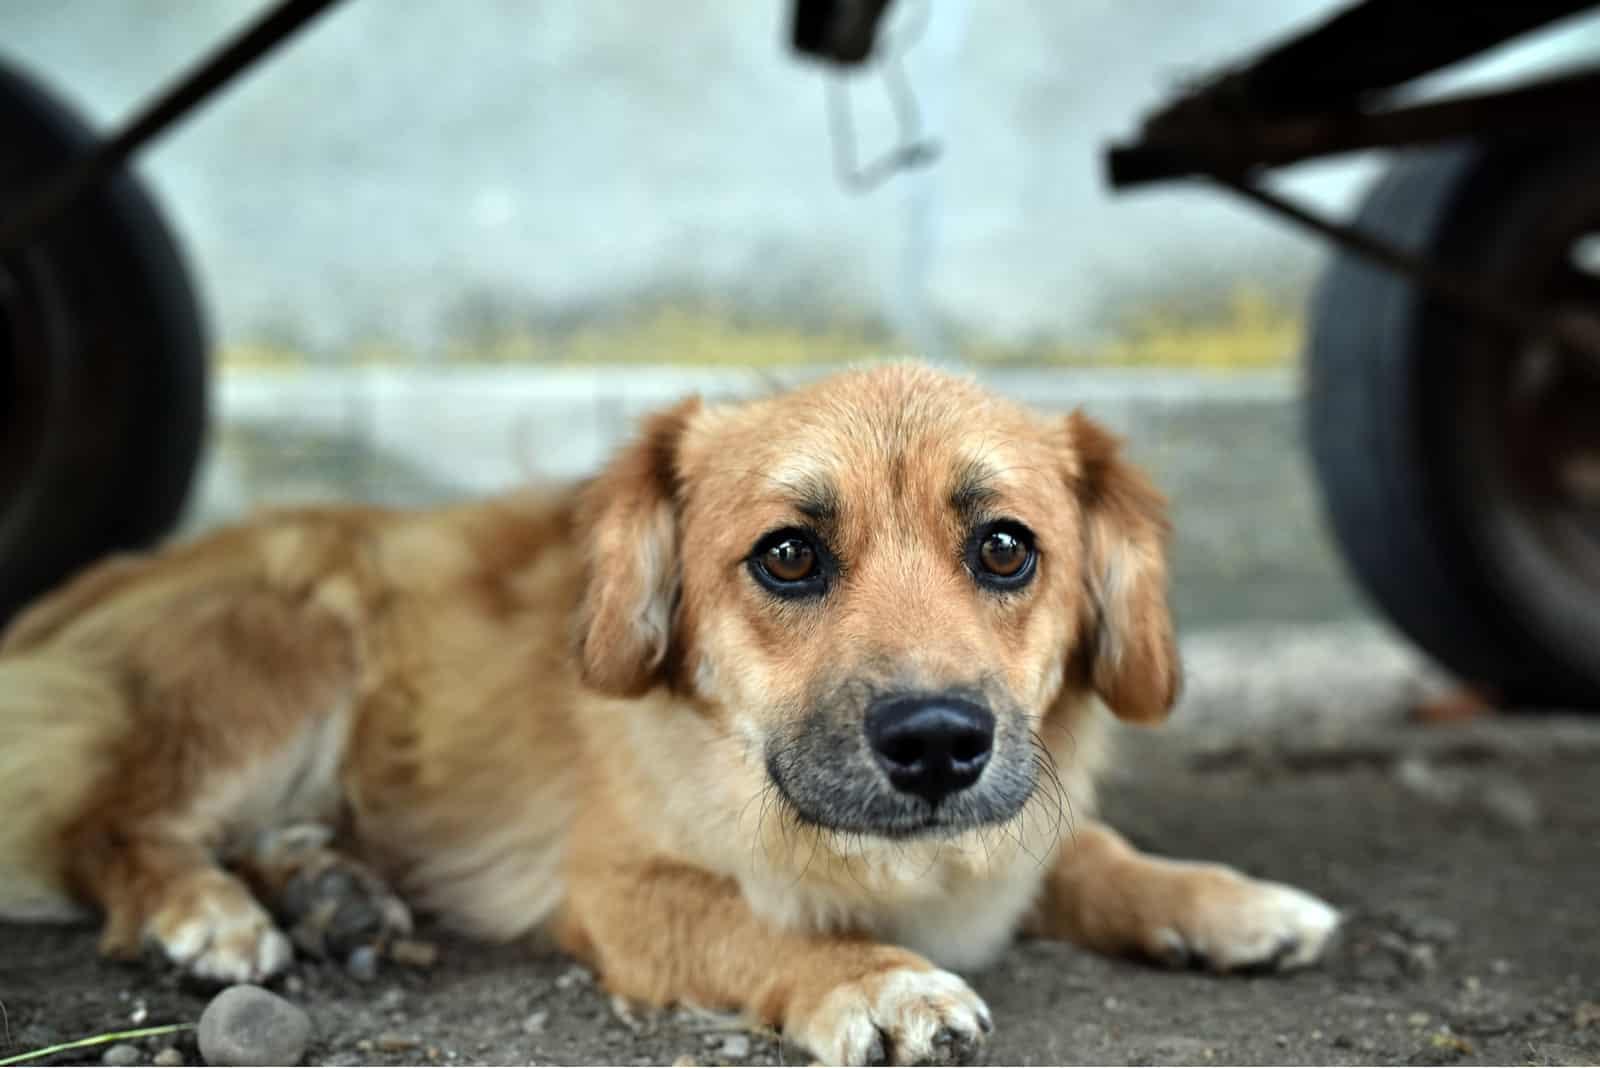 Diese Nervosität und Unsicherheit des Hundehalters überträgt sich allerdings auf den Hund. Denn die Fellnasen sind sehr feinfühlige Wesen, welche die Stimmung von Personen wahrnehmen können. Wenn du hingegen unbeirrt weitergehst, ohne nennenswert auf die Situation zu reagieren, dann zeigt dies dem Hund, dass alles in Ordnung ist. Dies garantiert natürlich nicht, dass der Vierbeiner in gewissen Situationen nicht dennoch Angst verspürt. Doch durch dein selbstsicheres Auftreten kannst du zumindest sichergehen, dass du die Angst deines Lieblings nicht noch verschlimmerst.